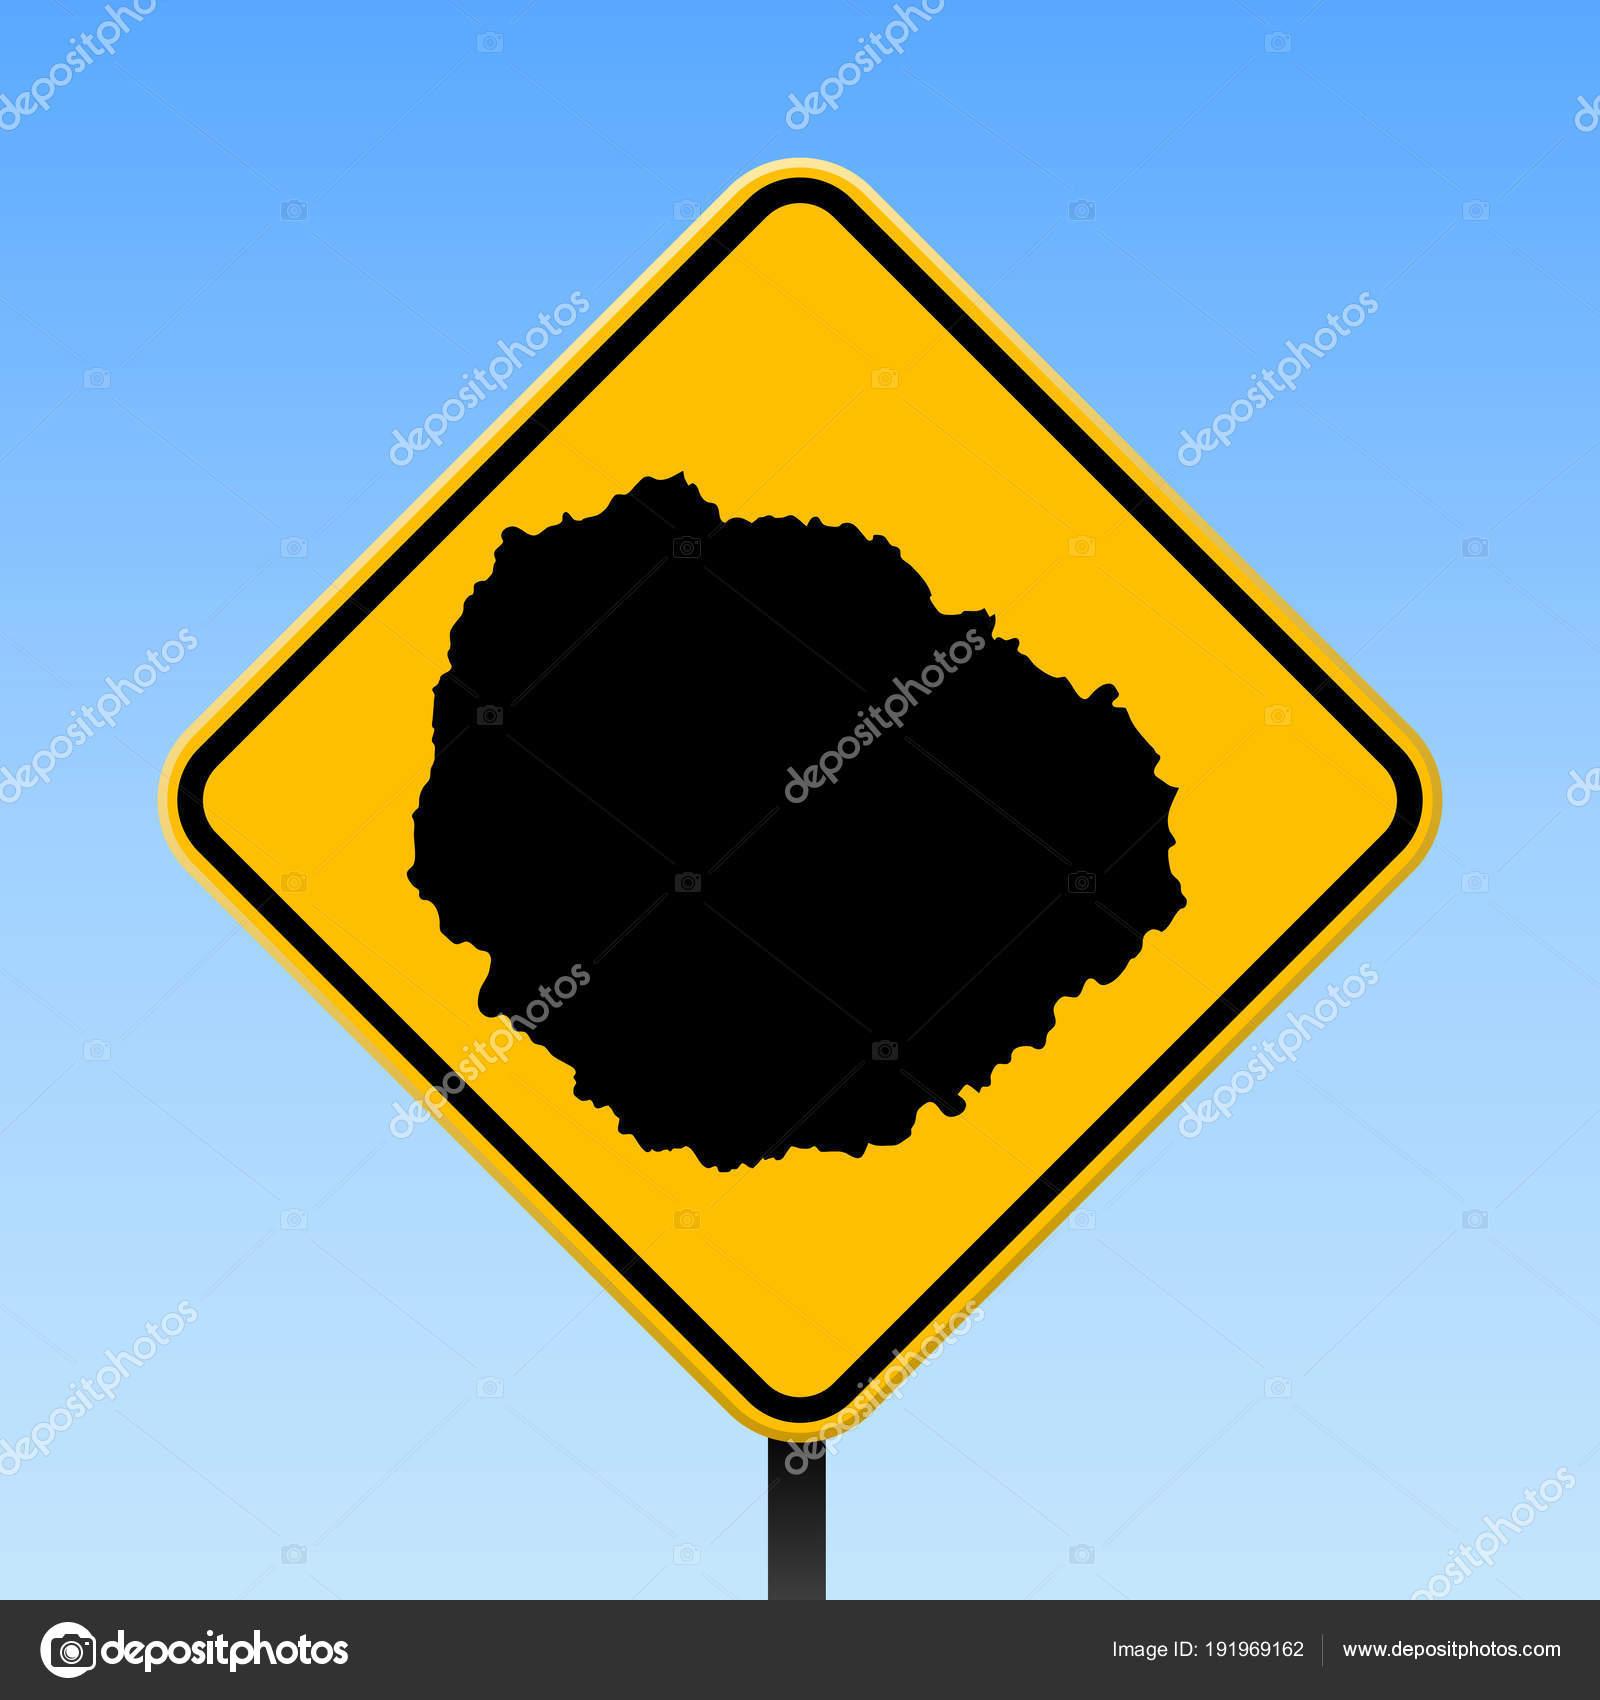 La Gomera map on road sign Square poster with La Gomera island map